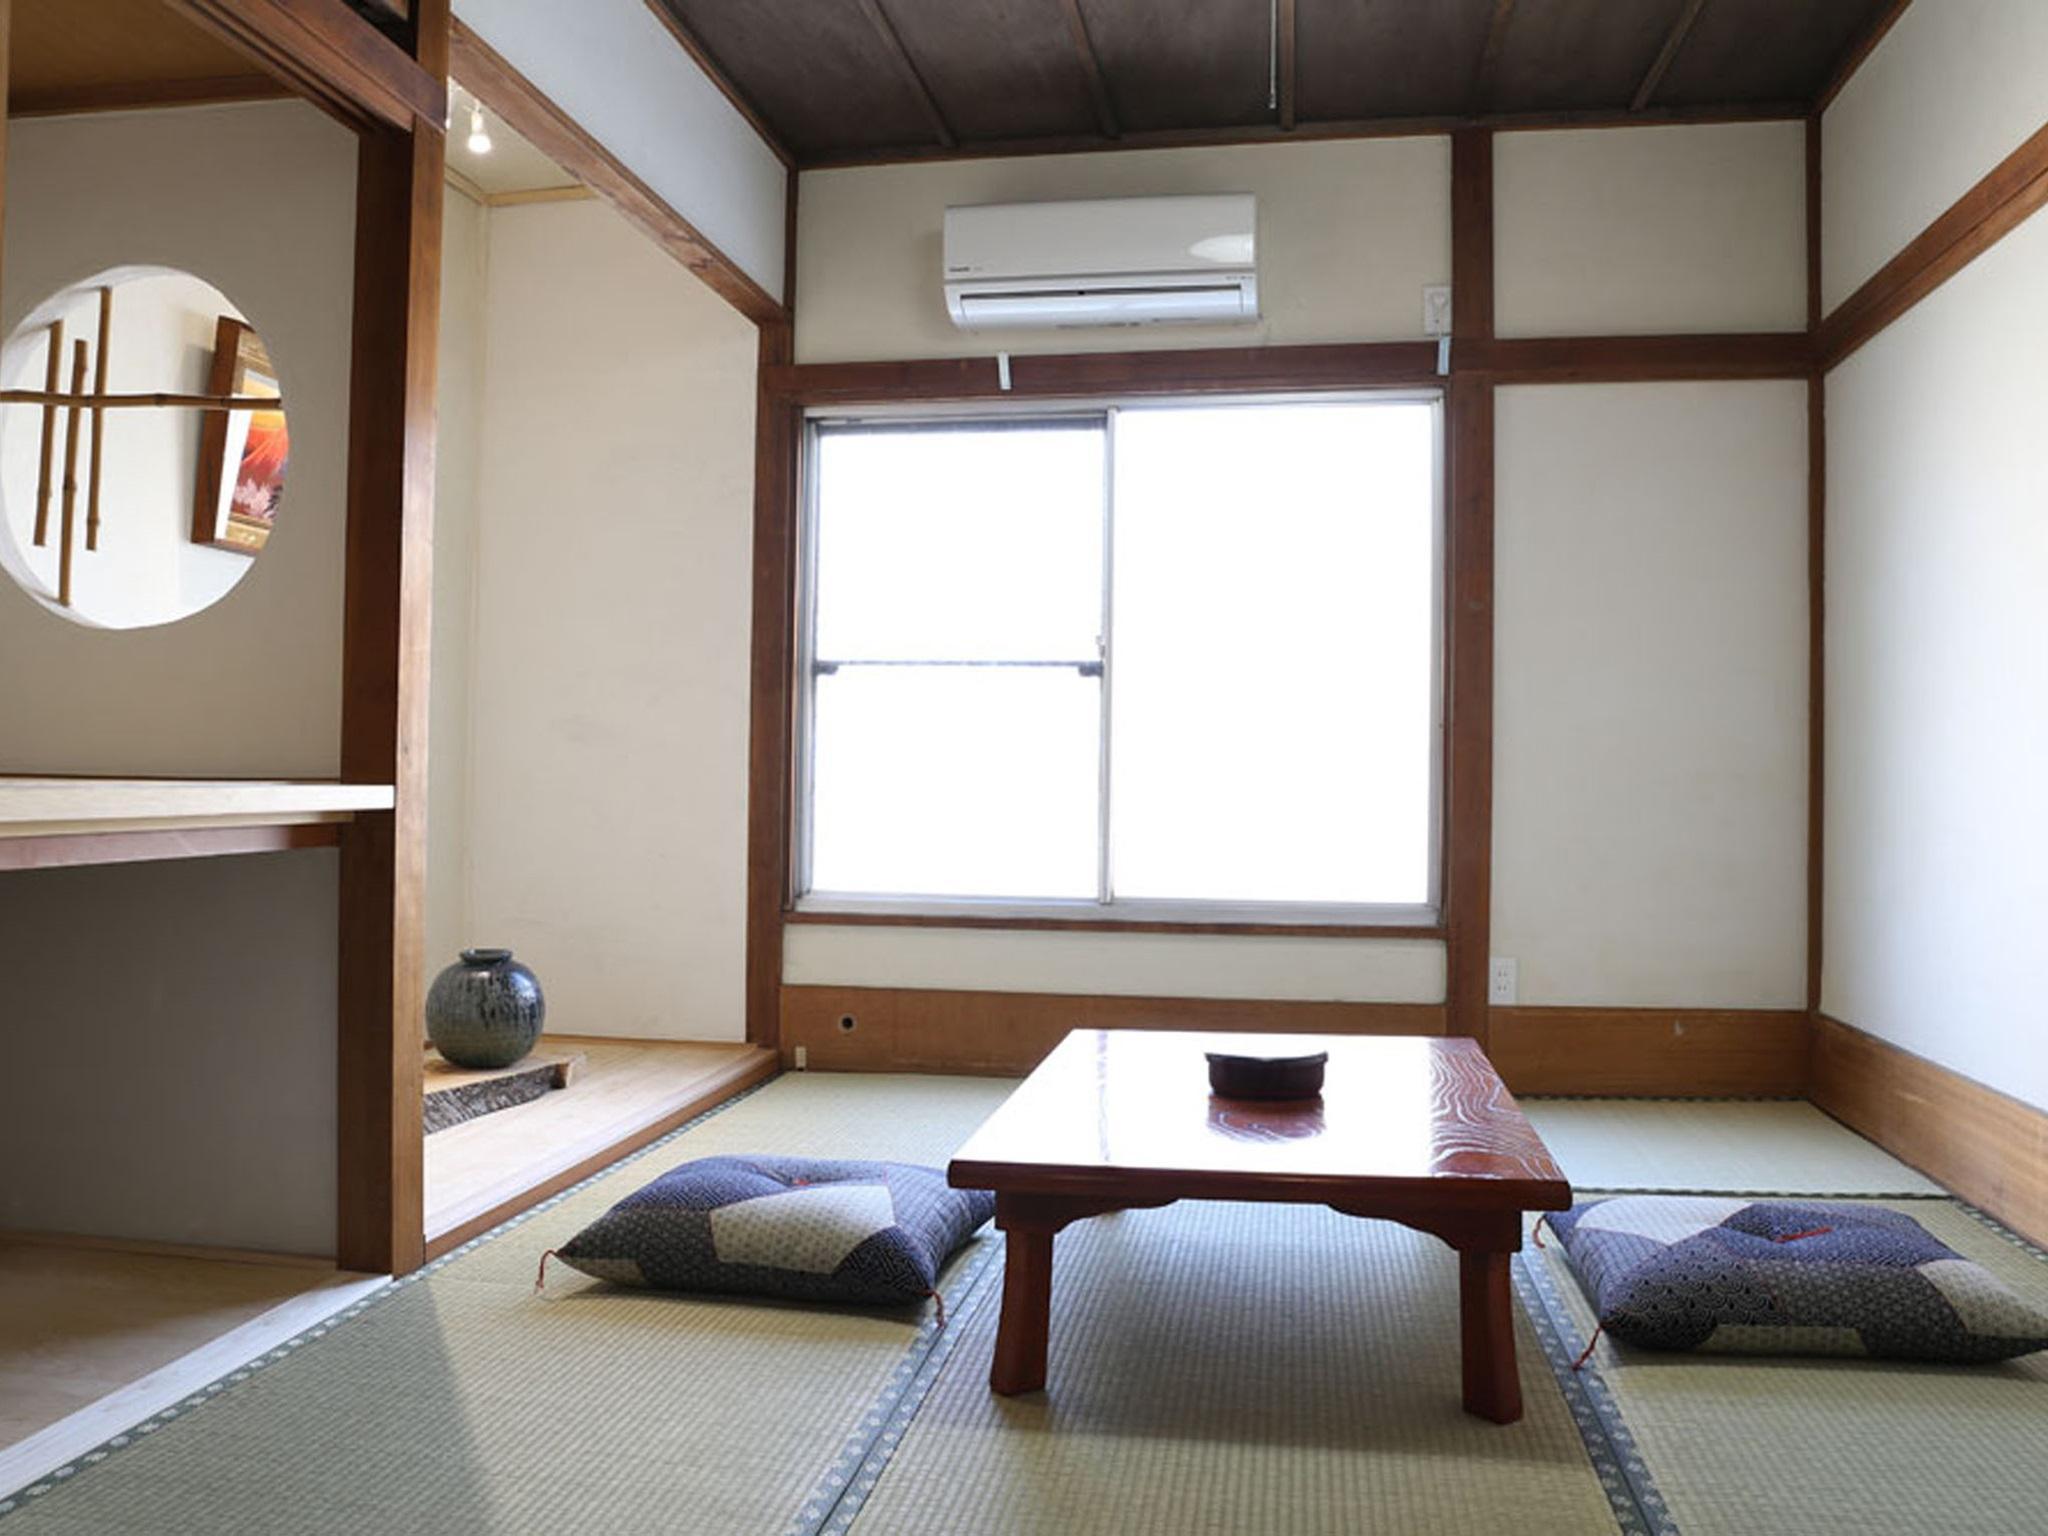 背包客推薦訂房篝火民宿(Guest House Kagaribi)